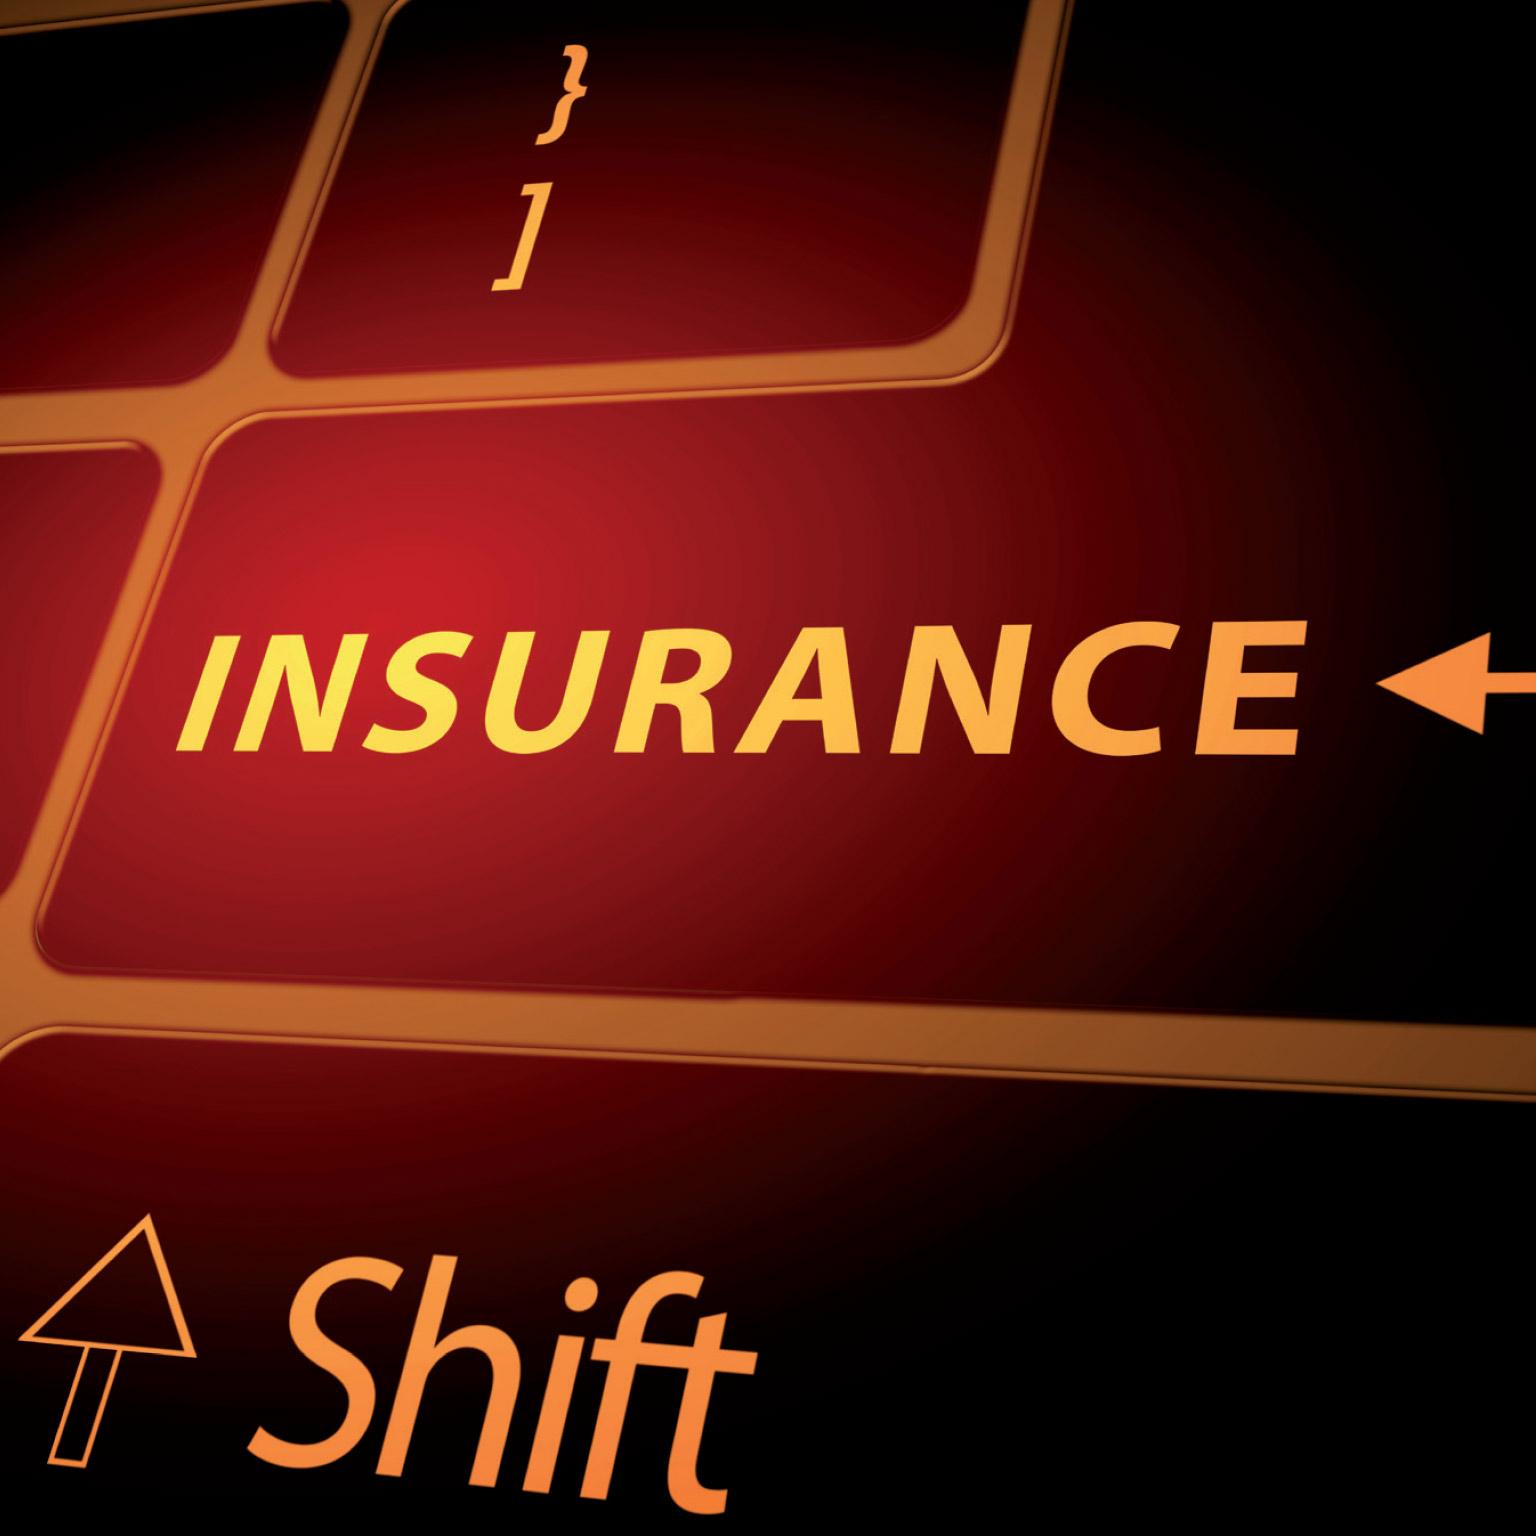 Insurance Policies: Replacement Cash Value (RCV) Vs Actual Cash Value (ACV)